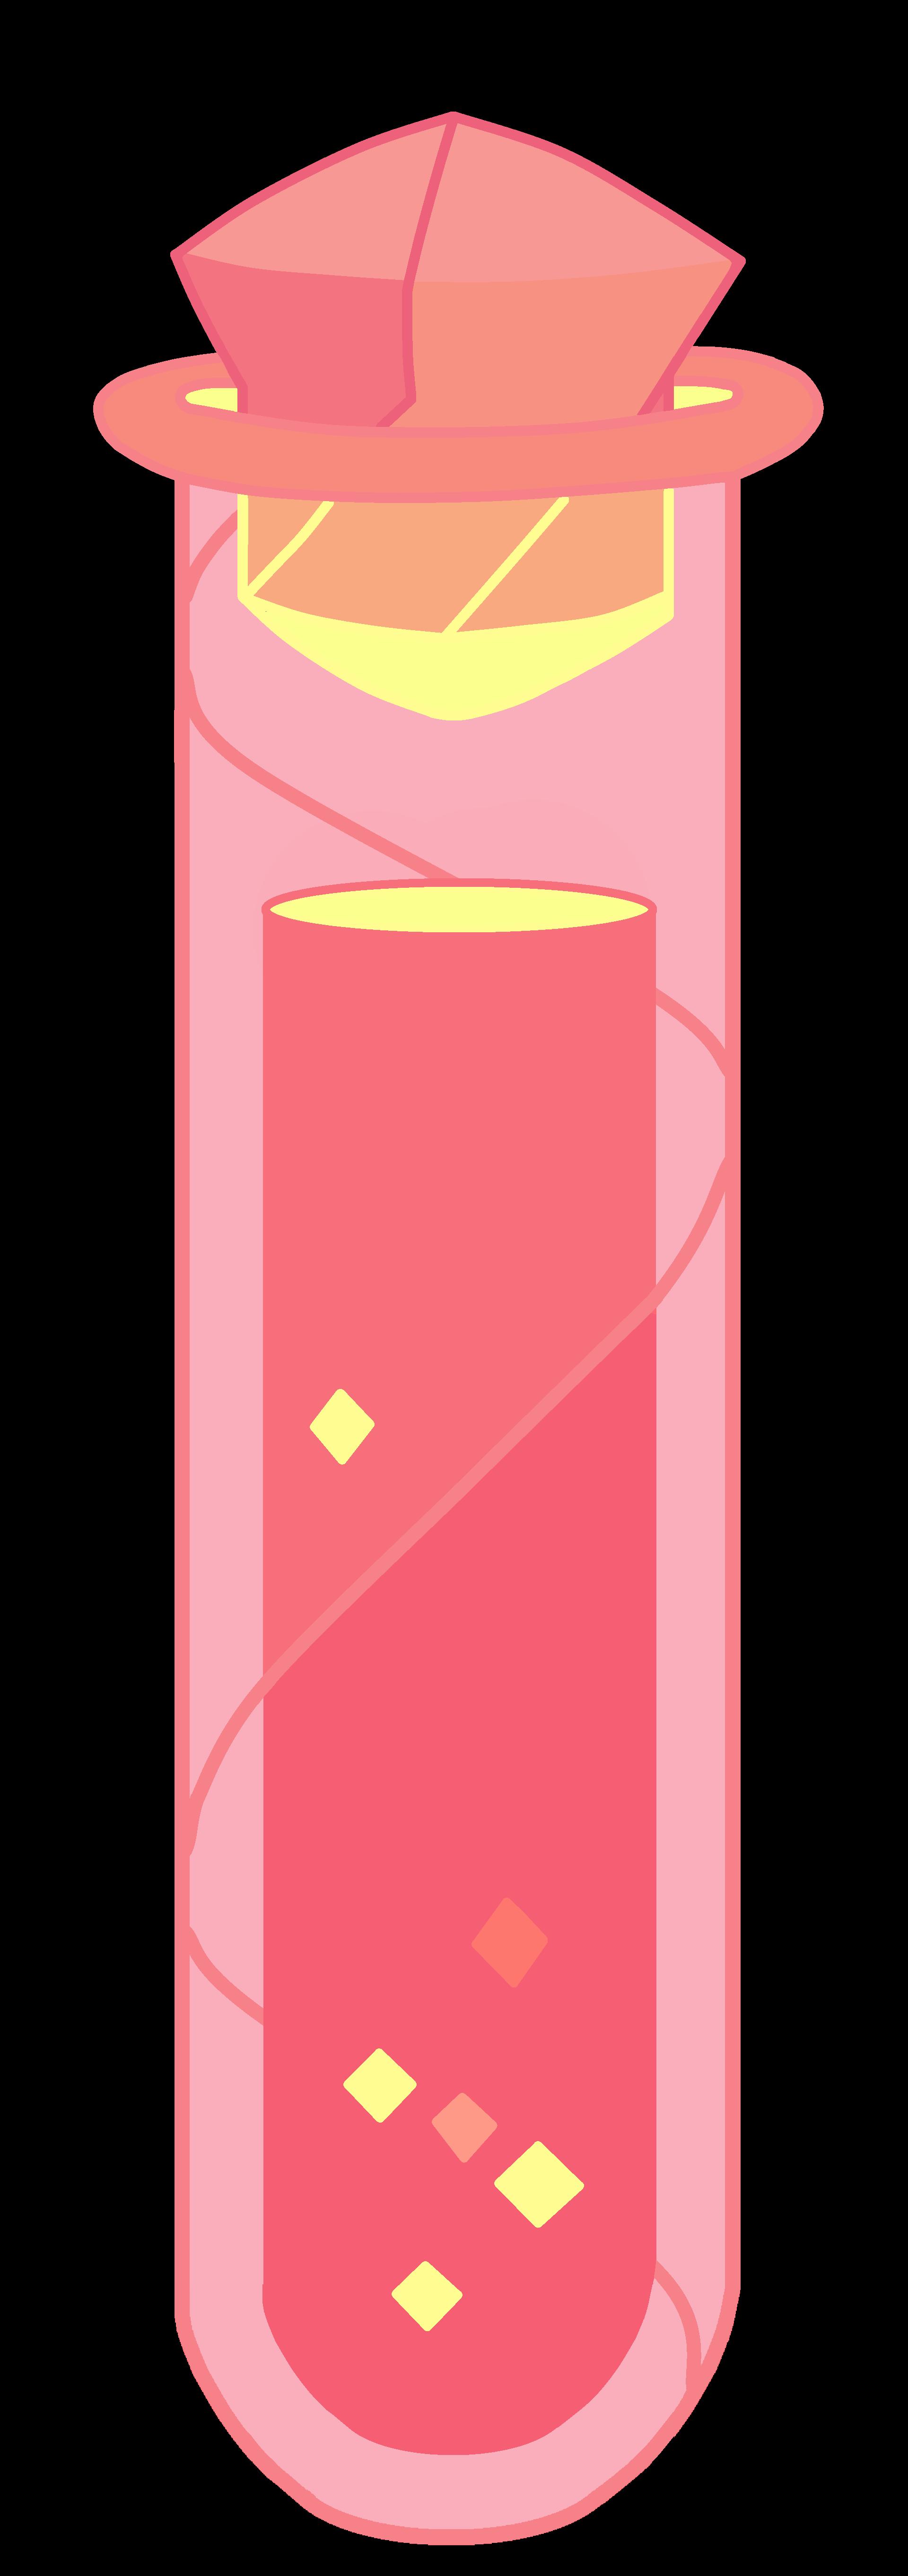 Fire Salt